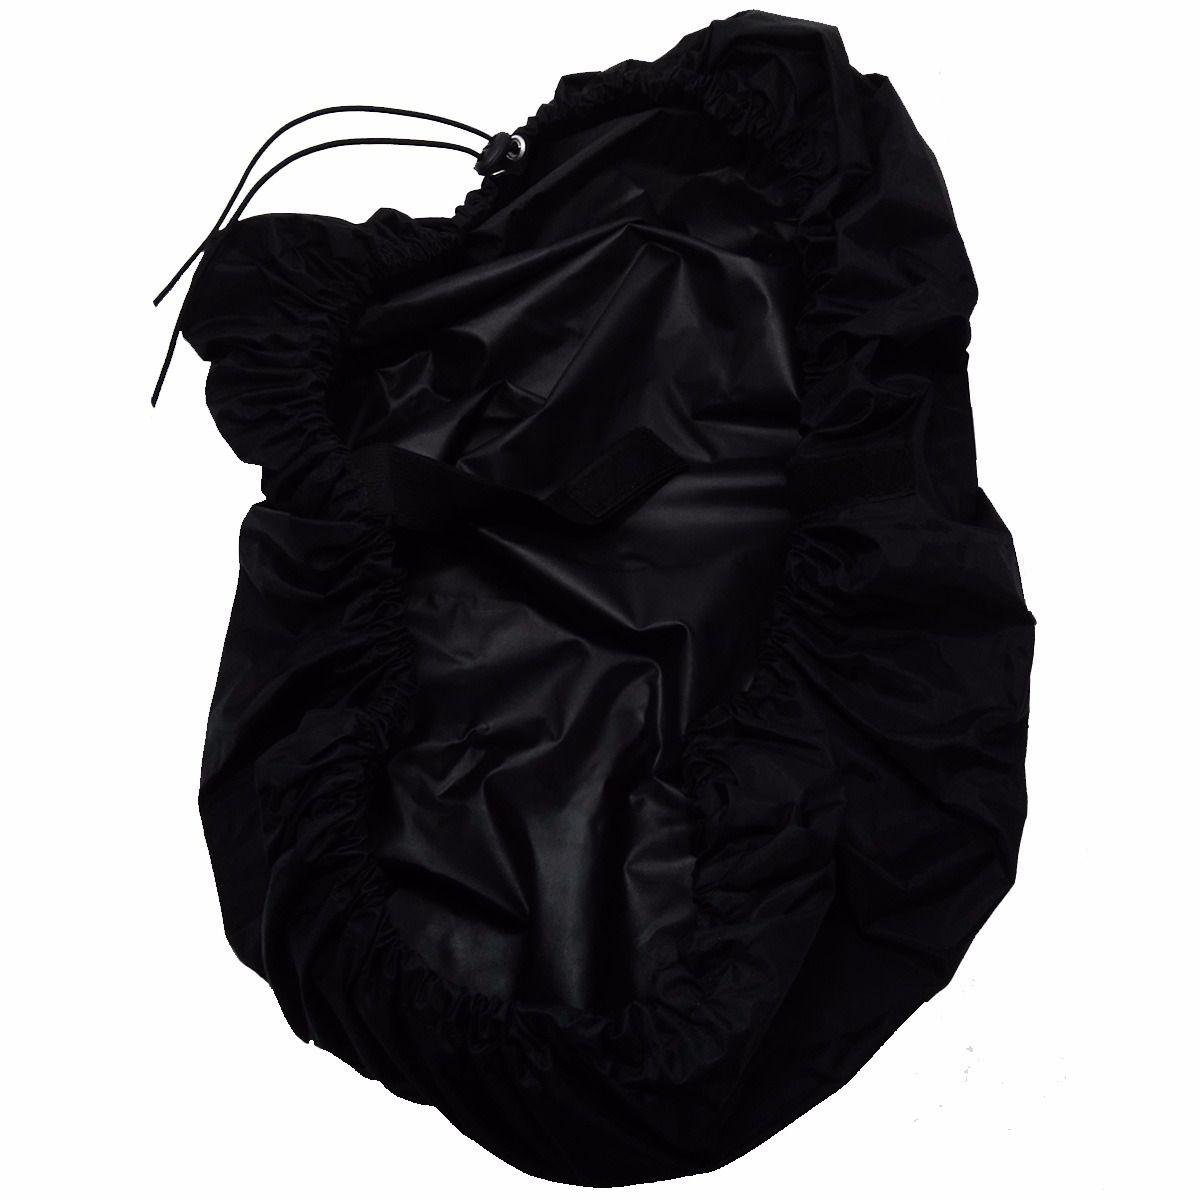 Capa Mochila Impermeável Proteção Chuva Nylon Pantaneiro